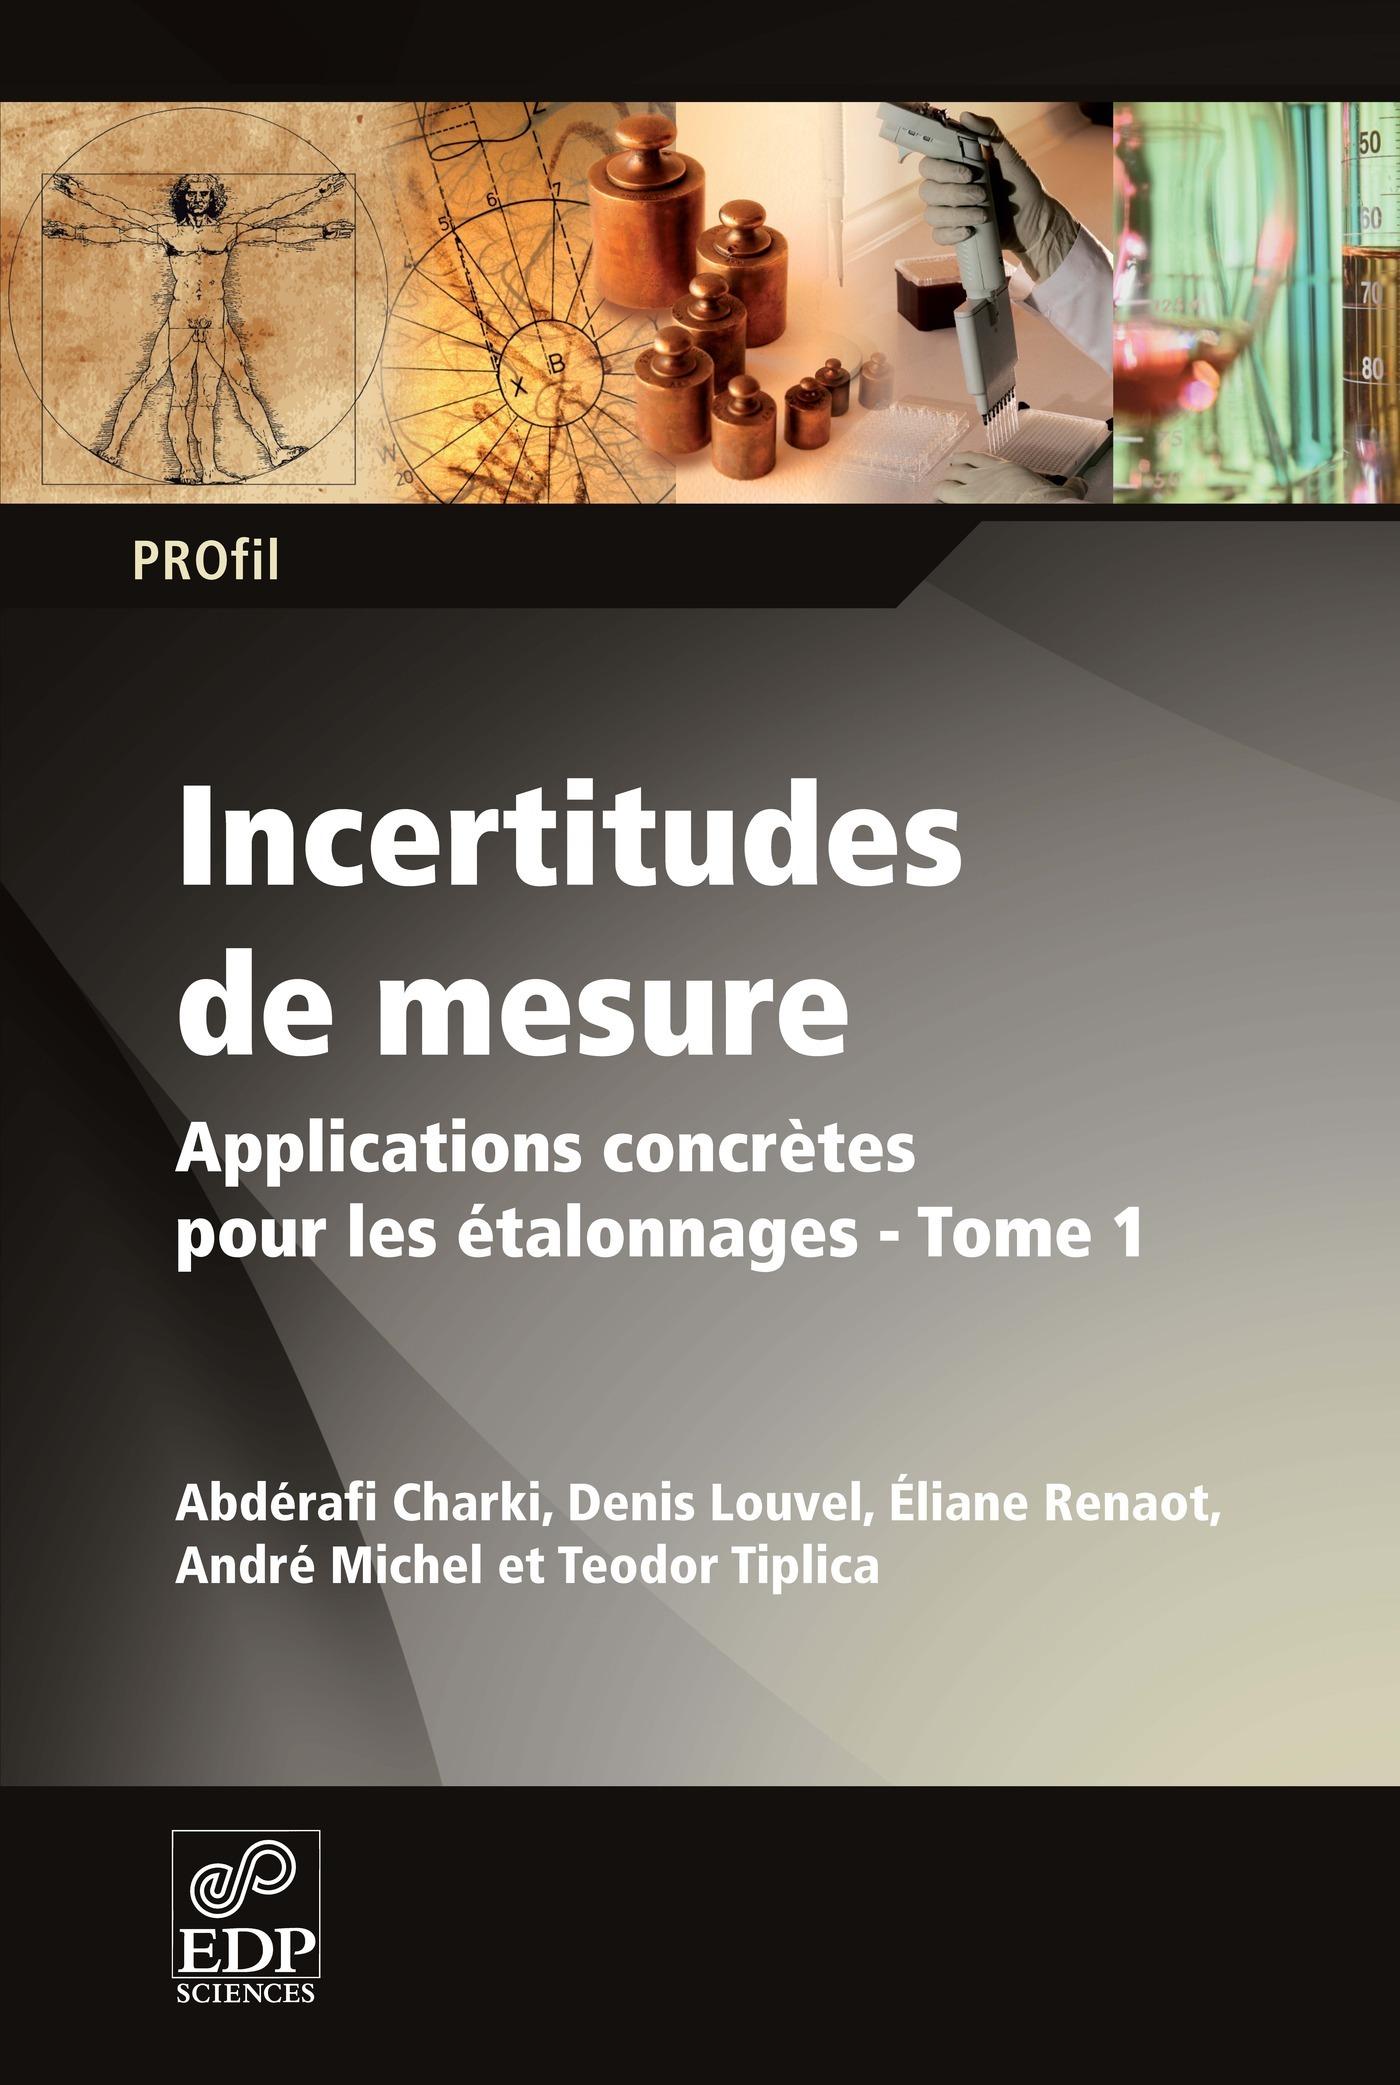 INCERTITUDES DE MESURE